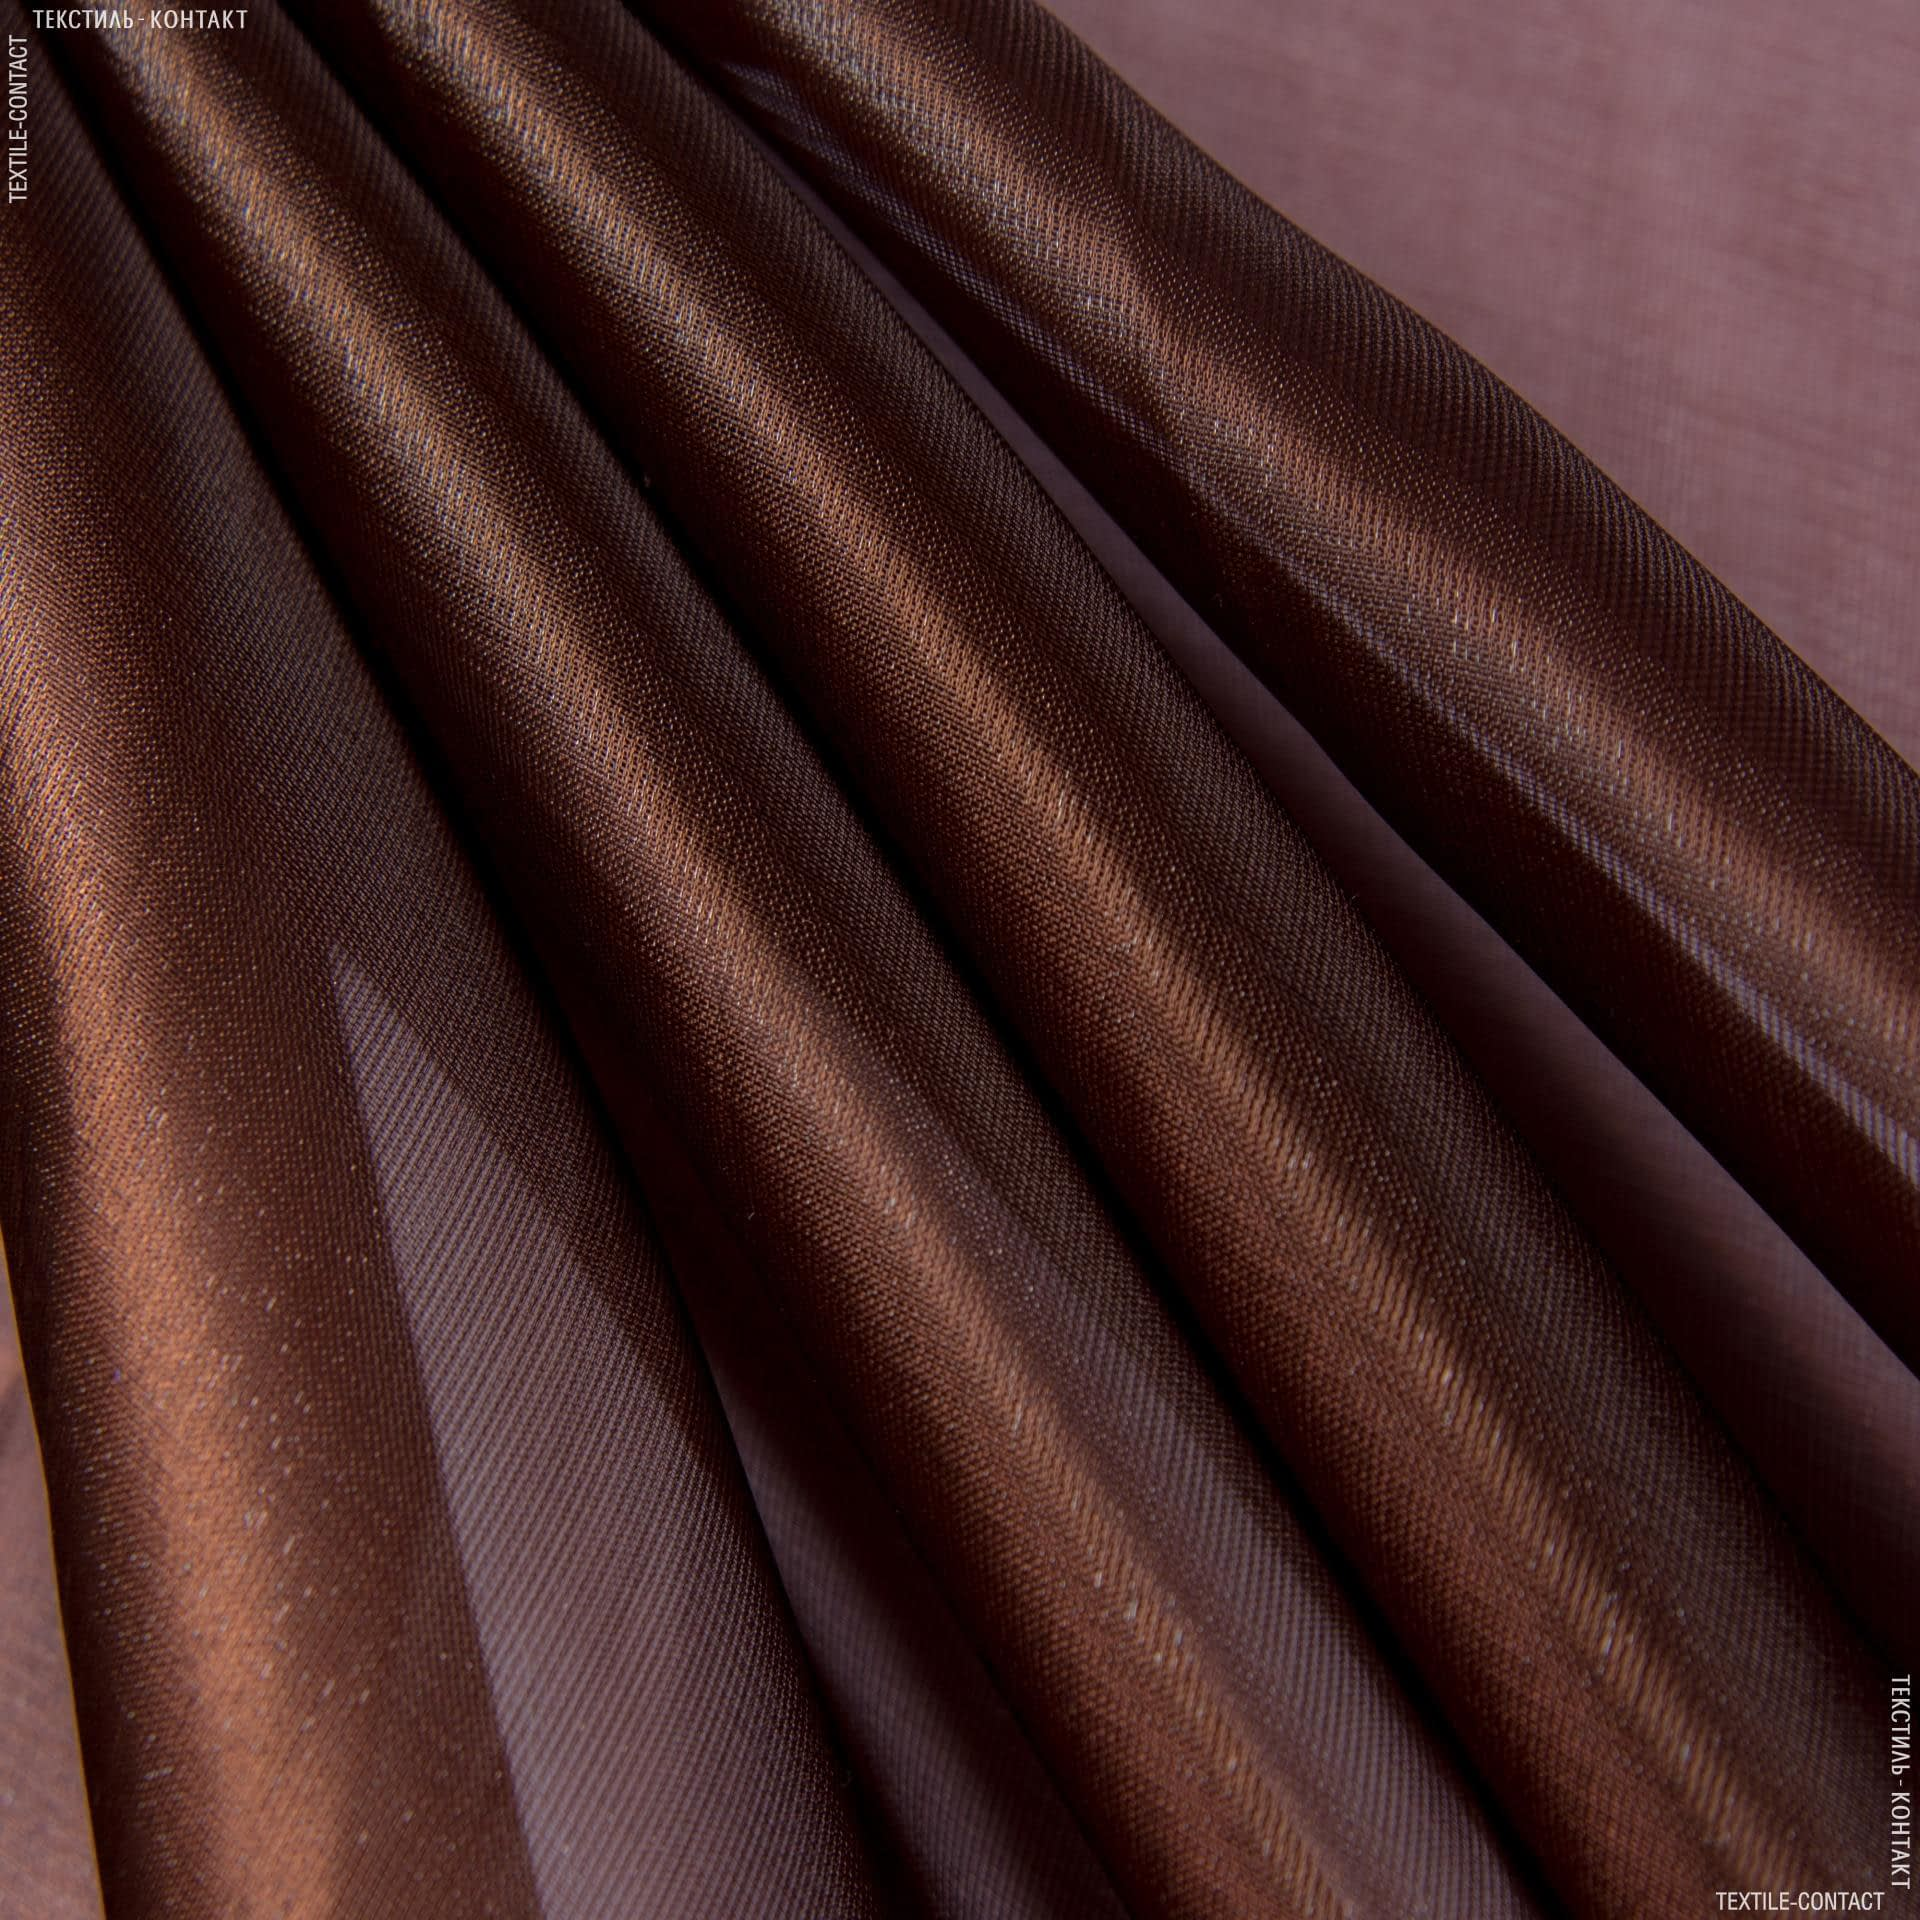 Ткани для платьев - Органза кристалл темно-коричневый